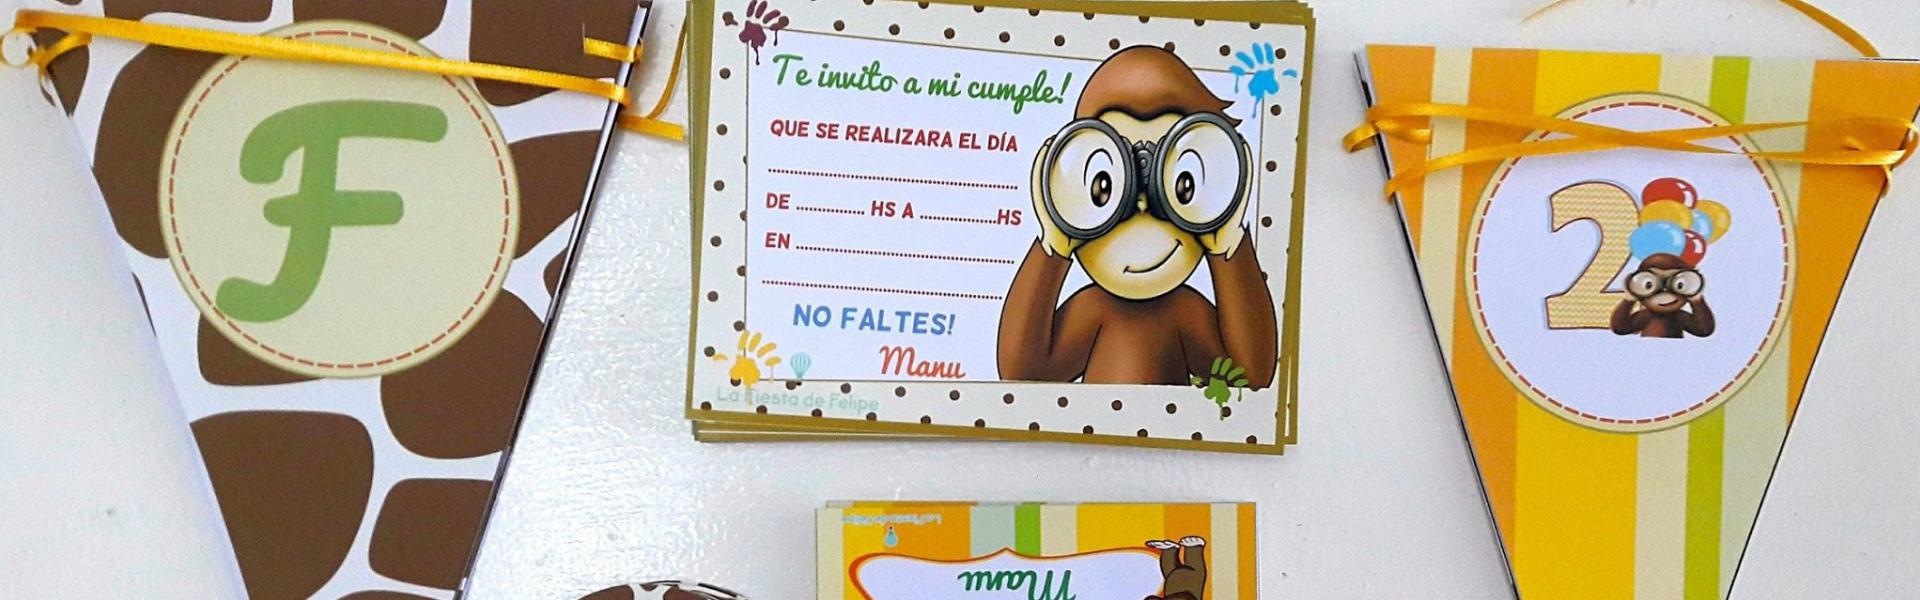 Banner - La Fiesta de Felipe